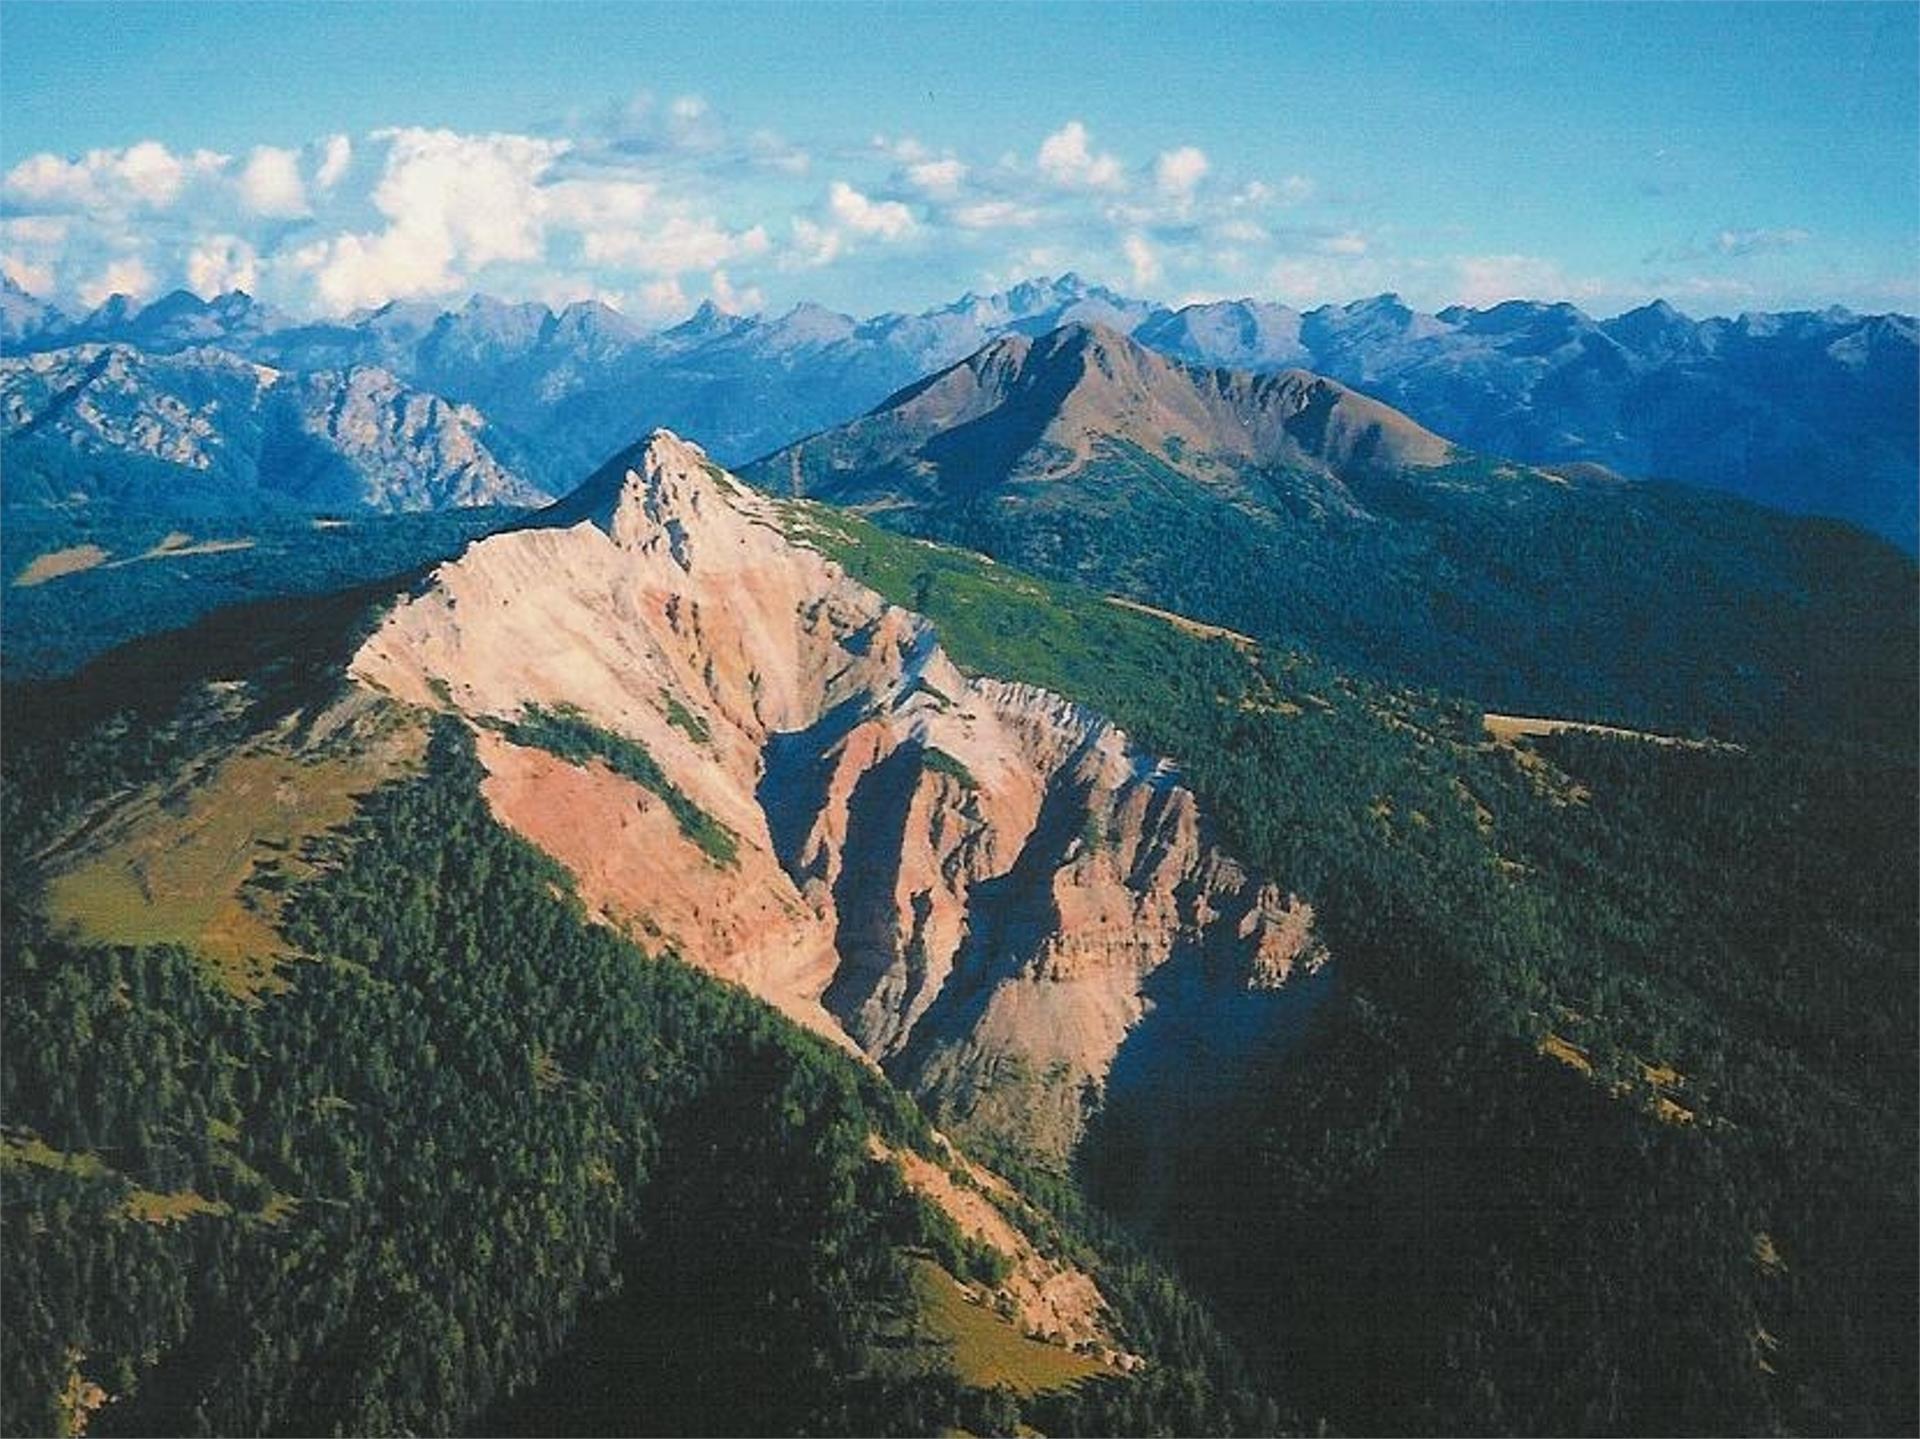 GEOPARC Bletterbach - Dolomiten UNESCO Welterbe